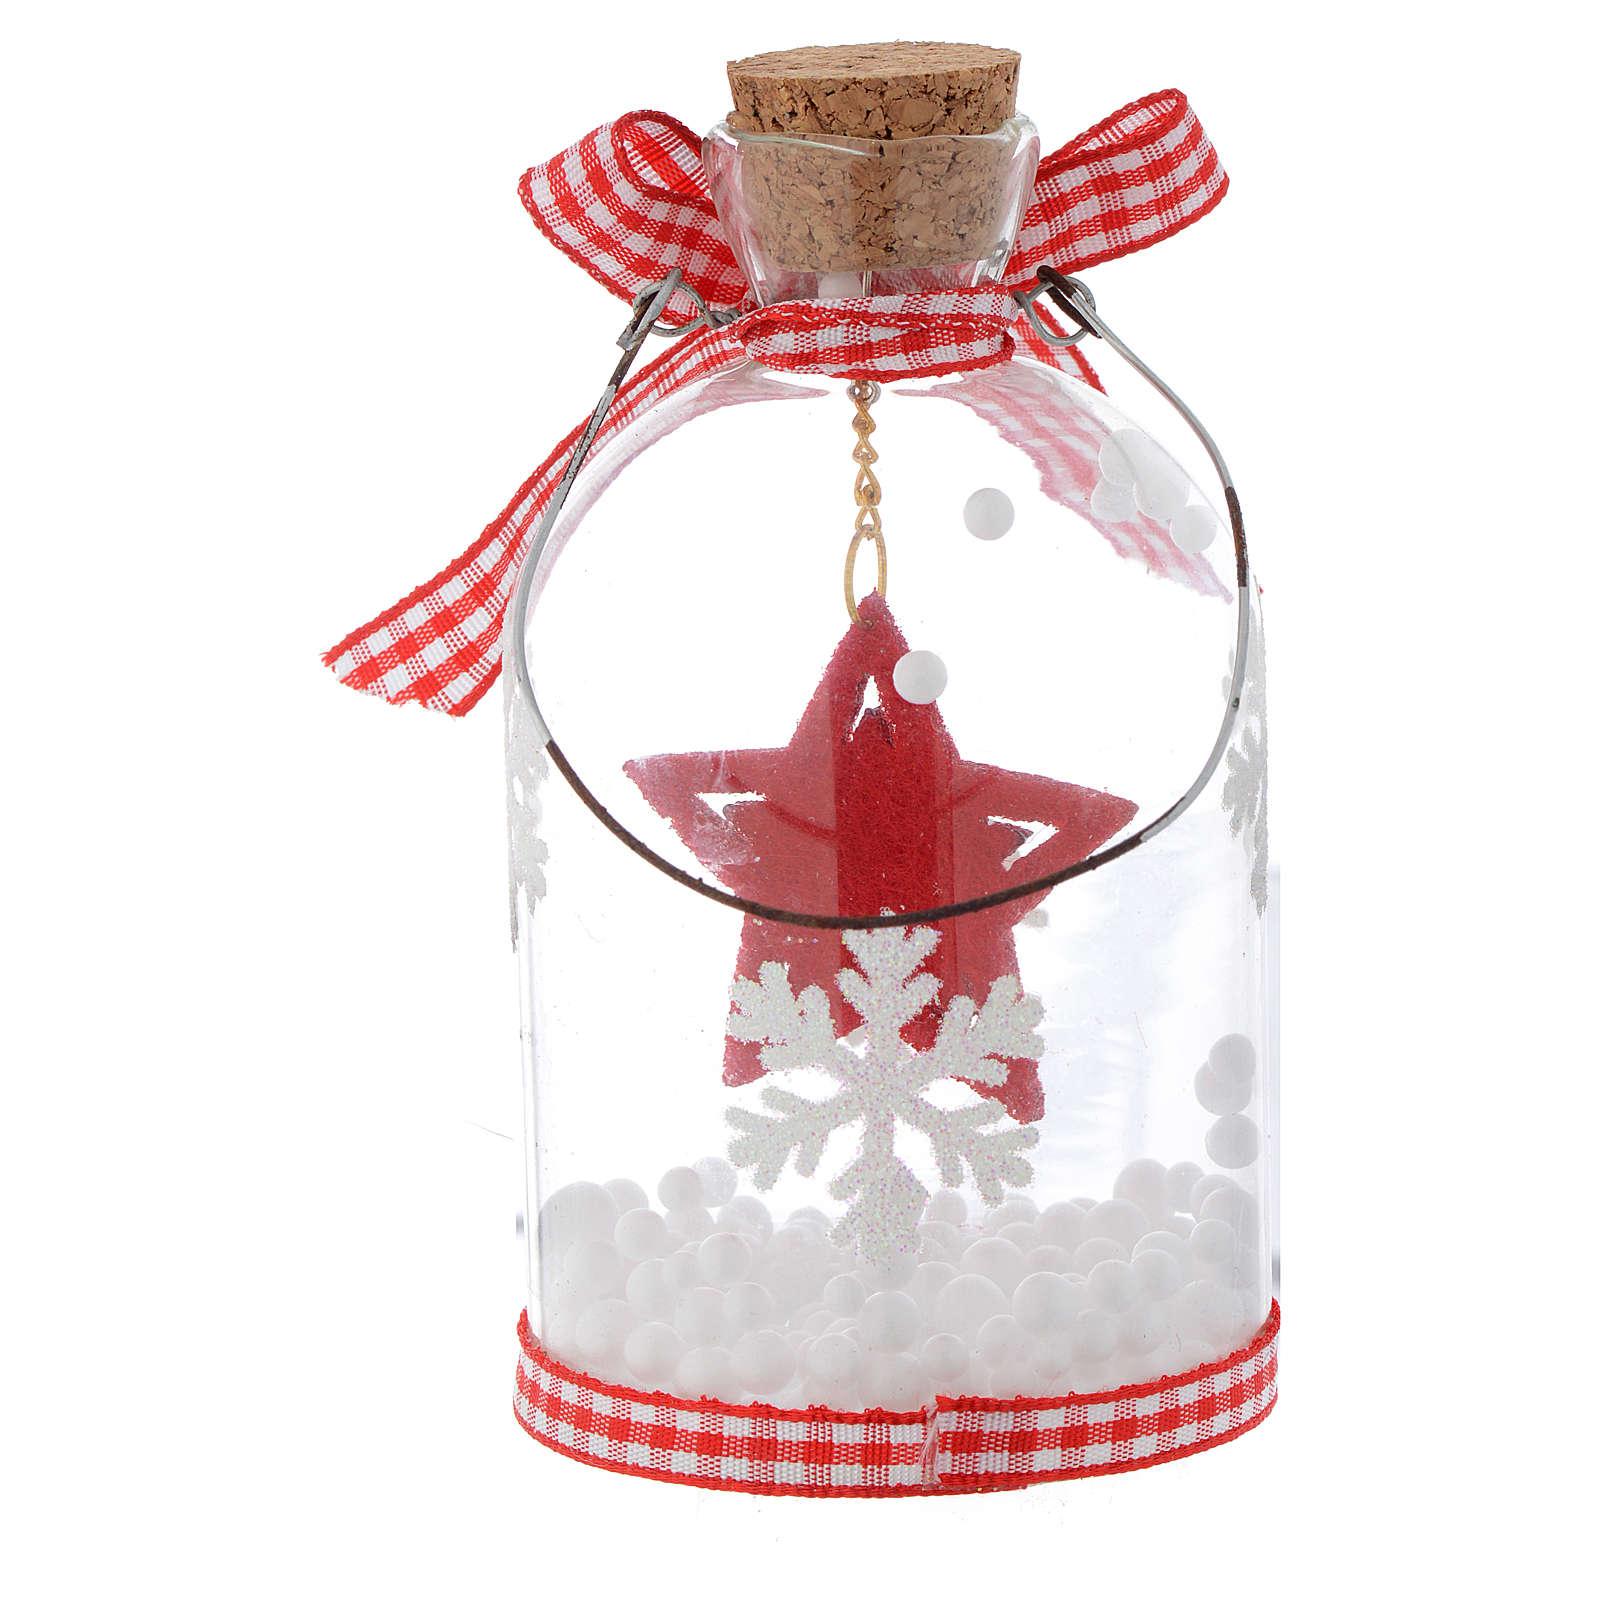 Décoration Sapin Noël bouteille verre h 10 cm 4